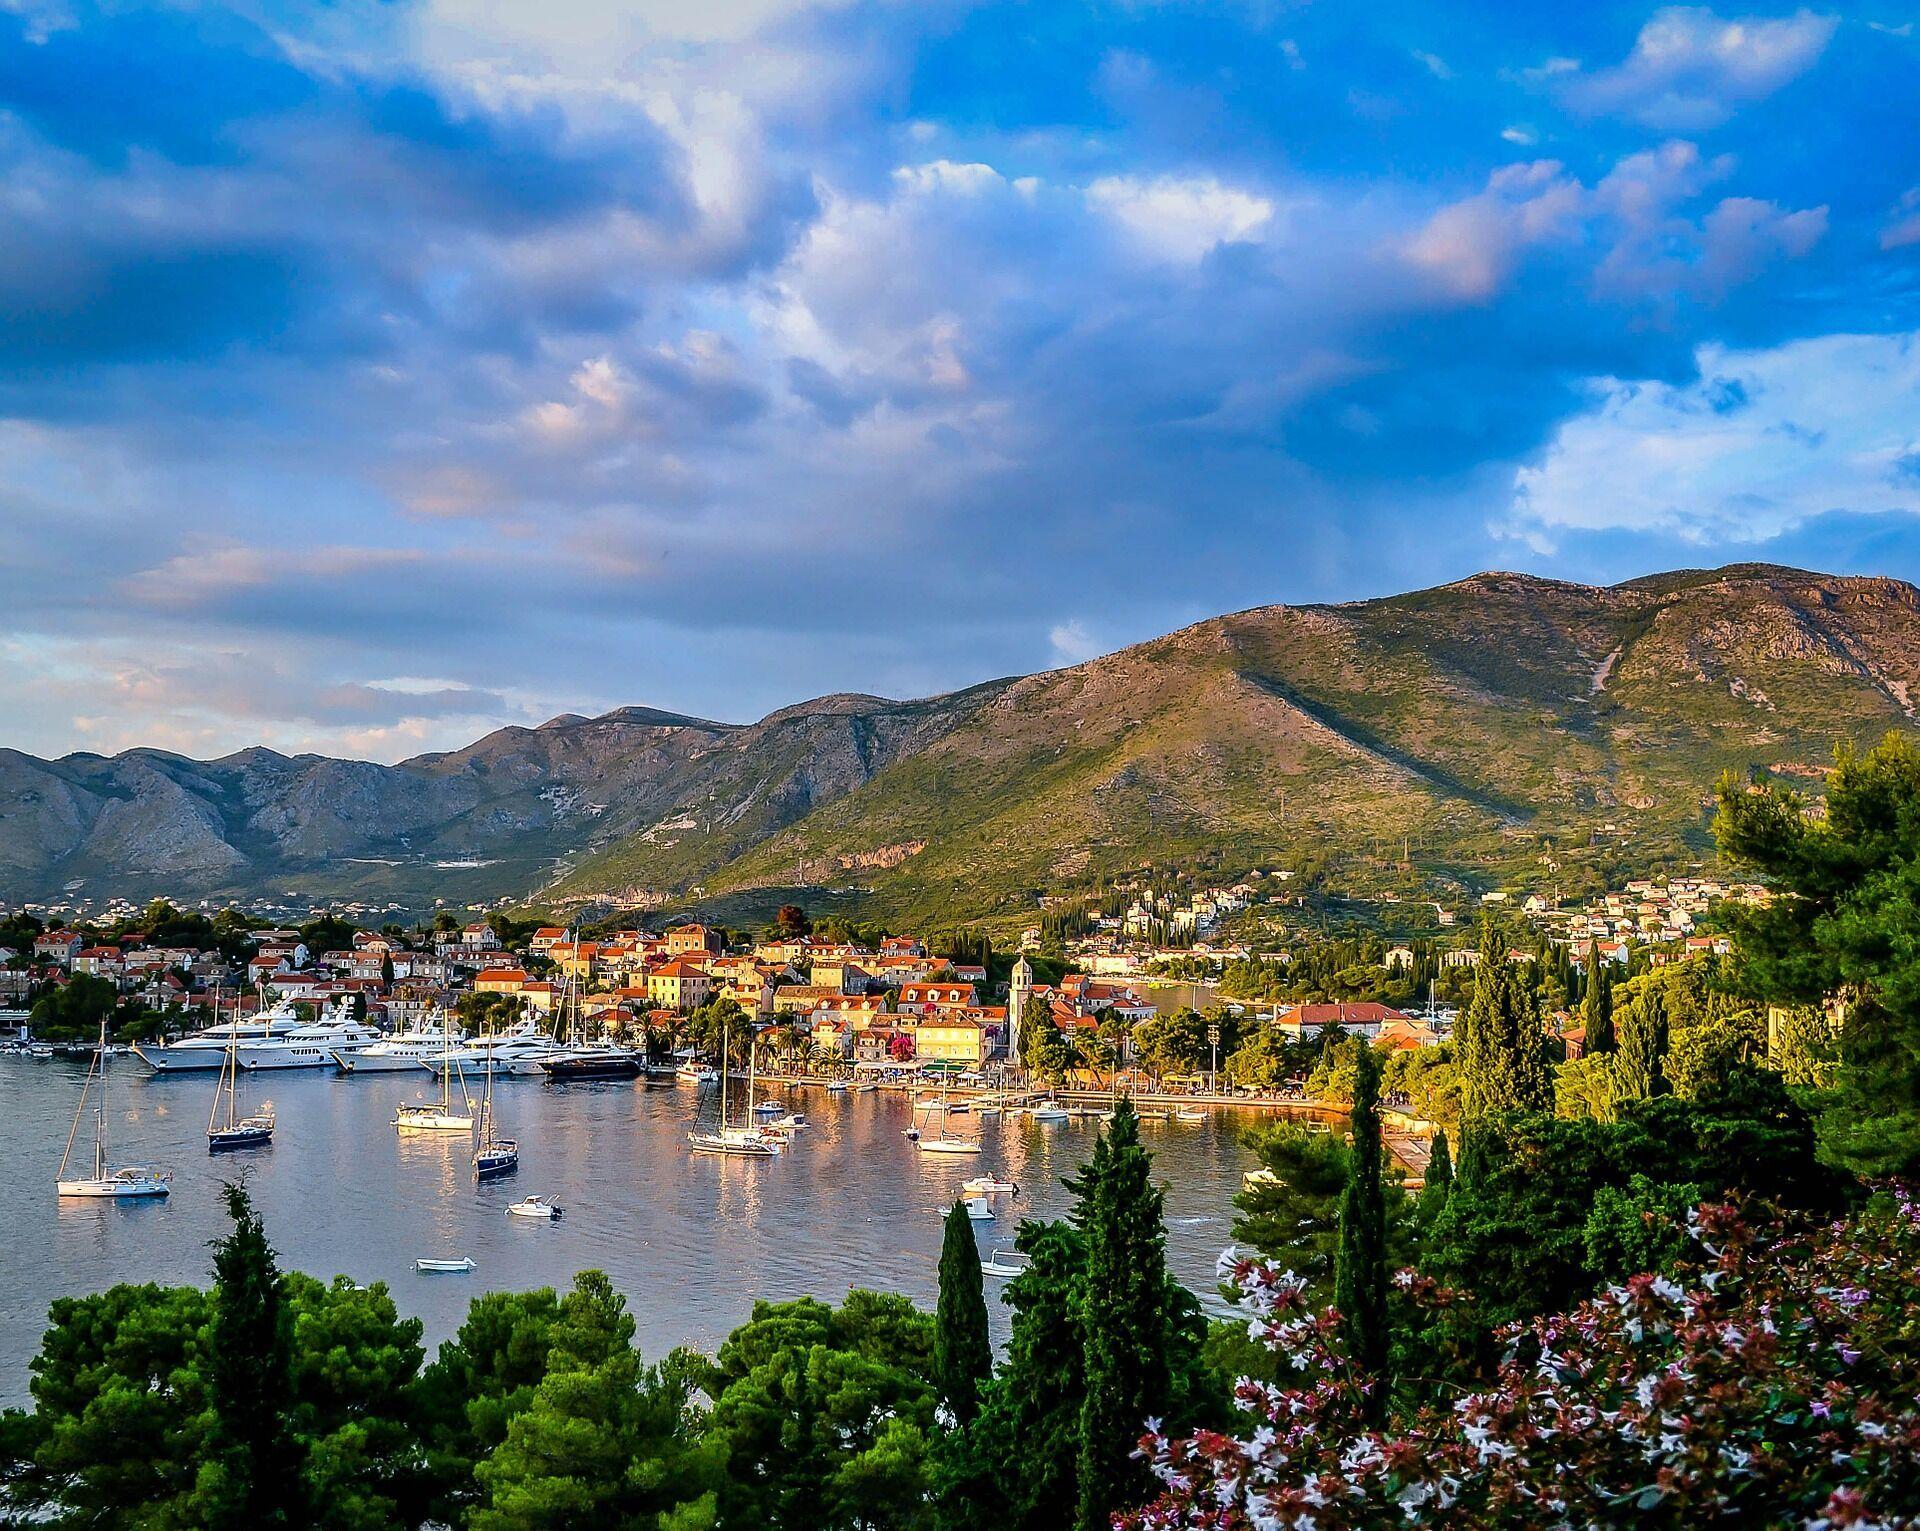 В Черногории можно снять комнату на вилле за 20-30 евро в день, а можно найти вполне комфортные апартаменты за 80-120 евро